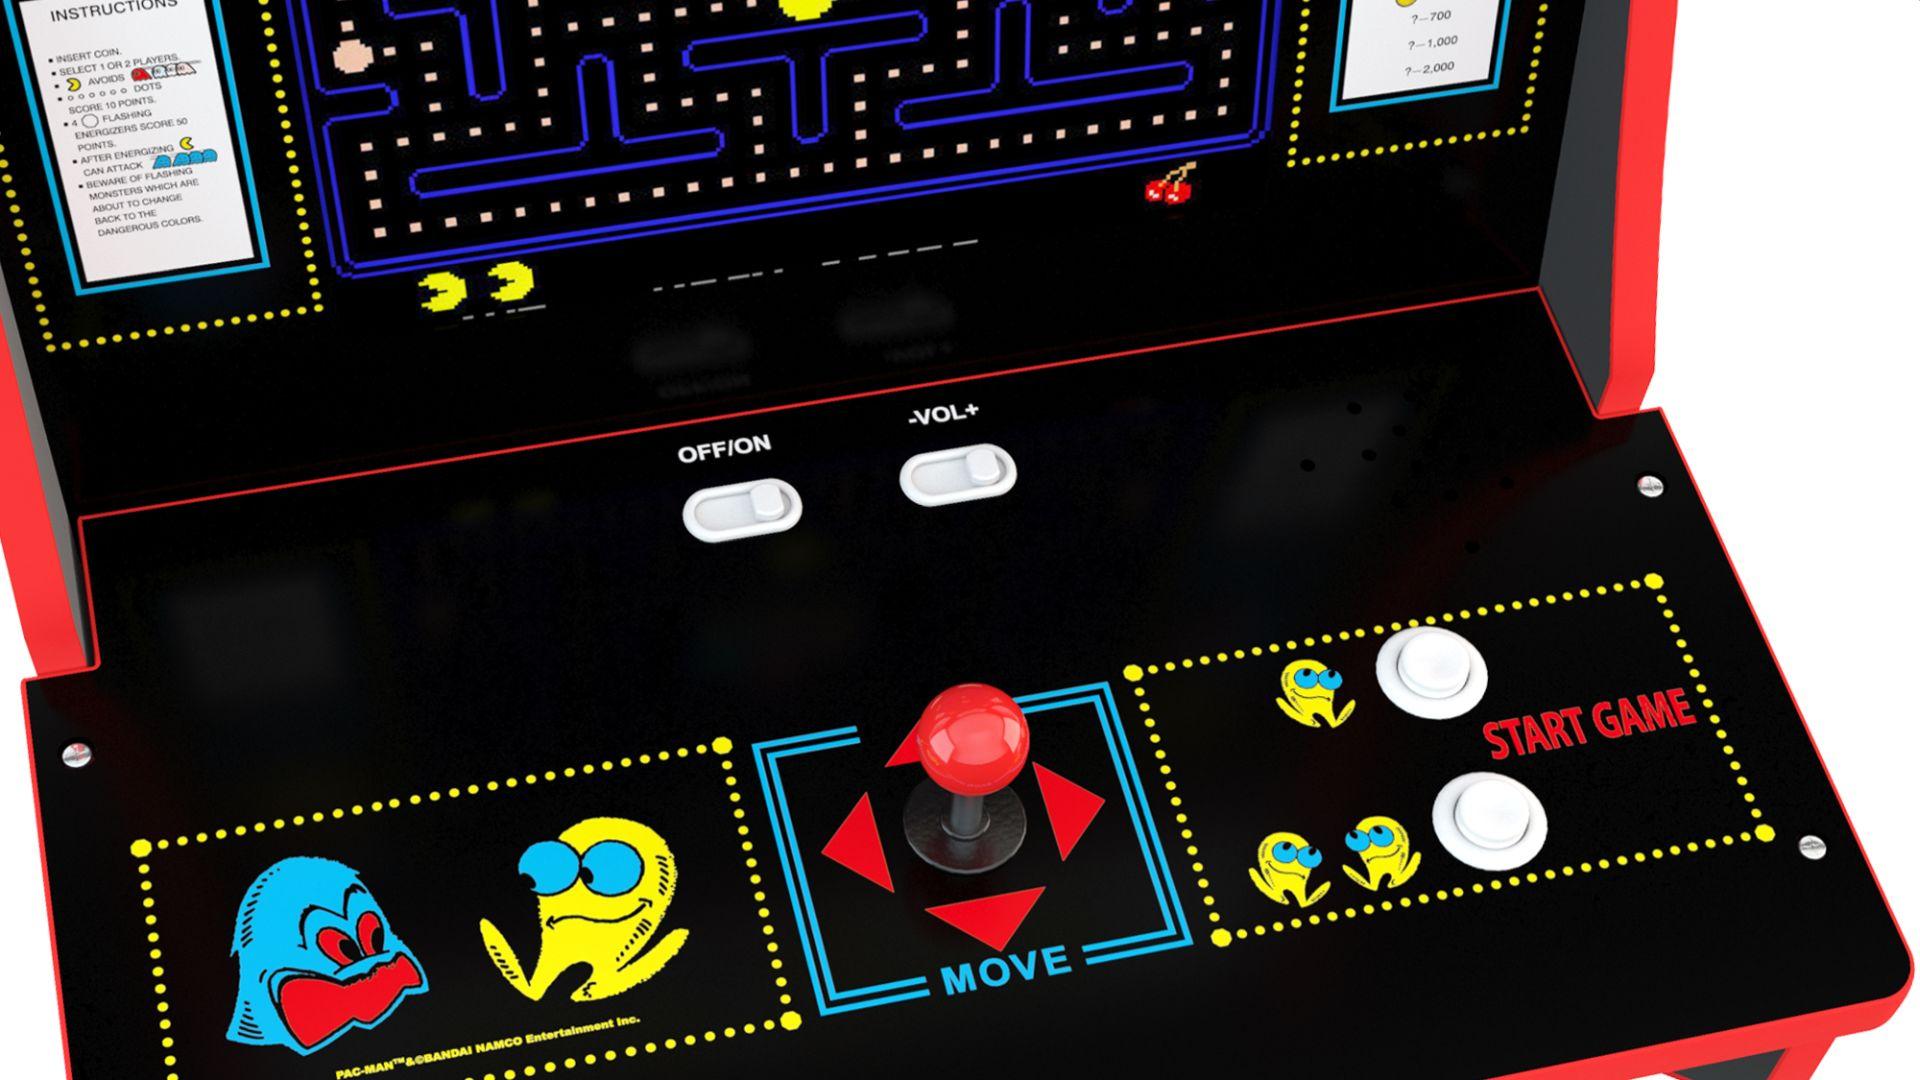 Arcade1UP sta realizzando quattro nuove riproduzioni di cabinet arcade thumbnail